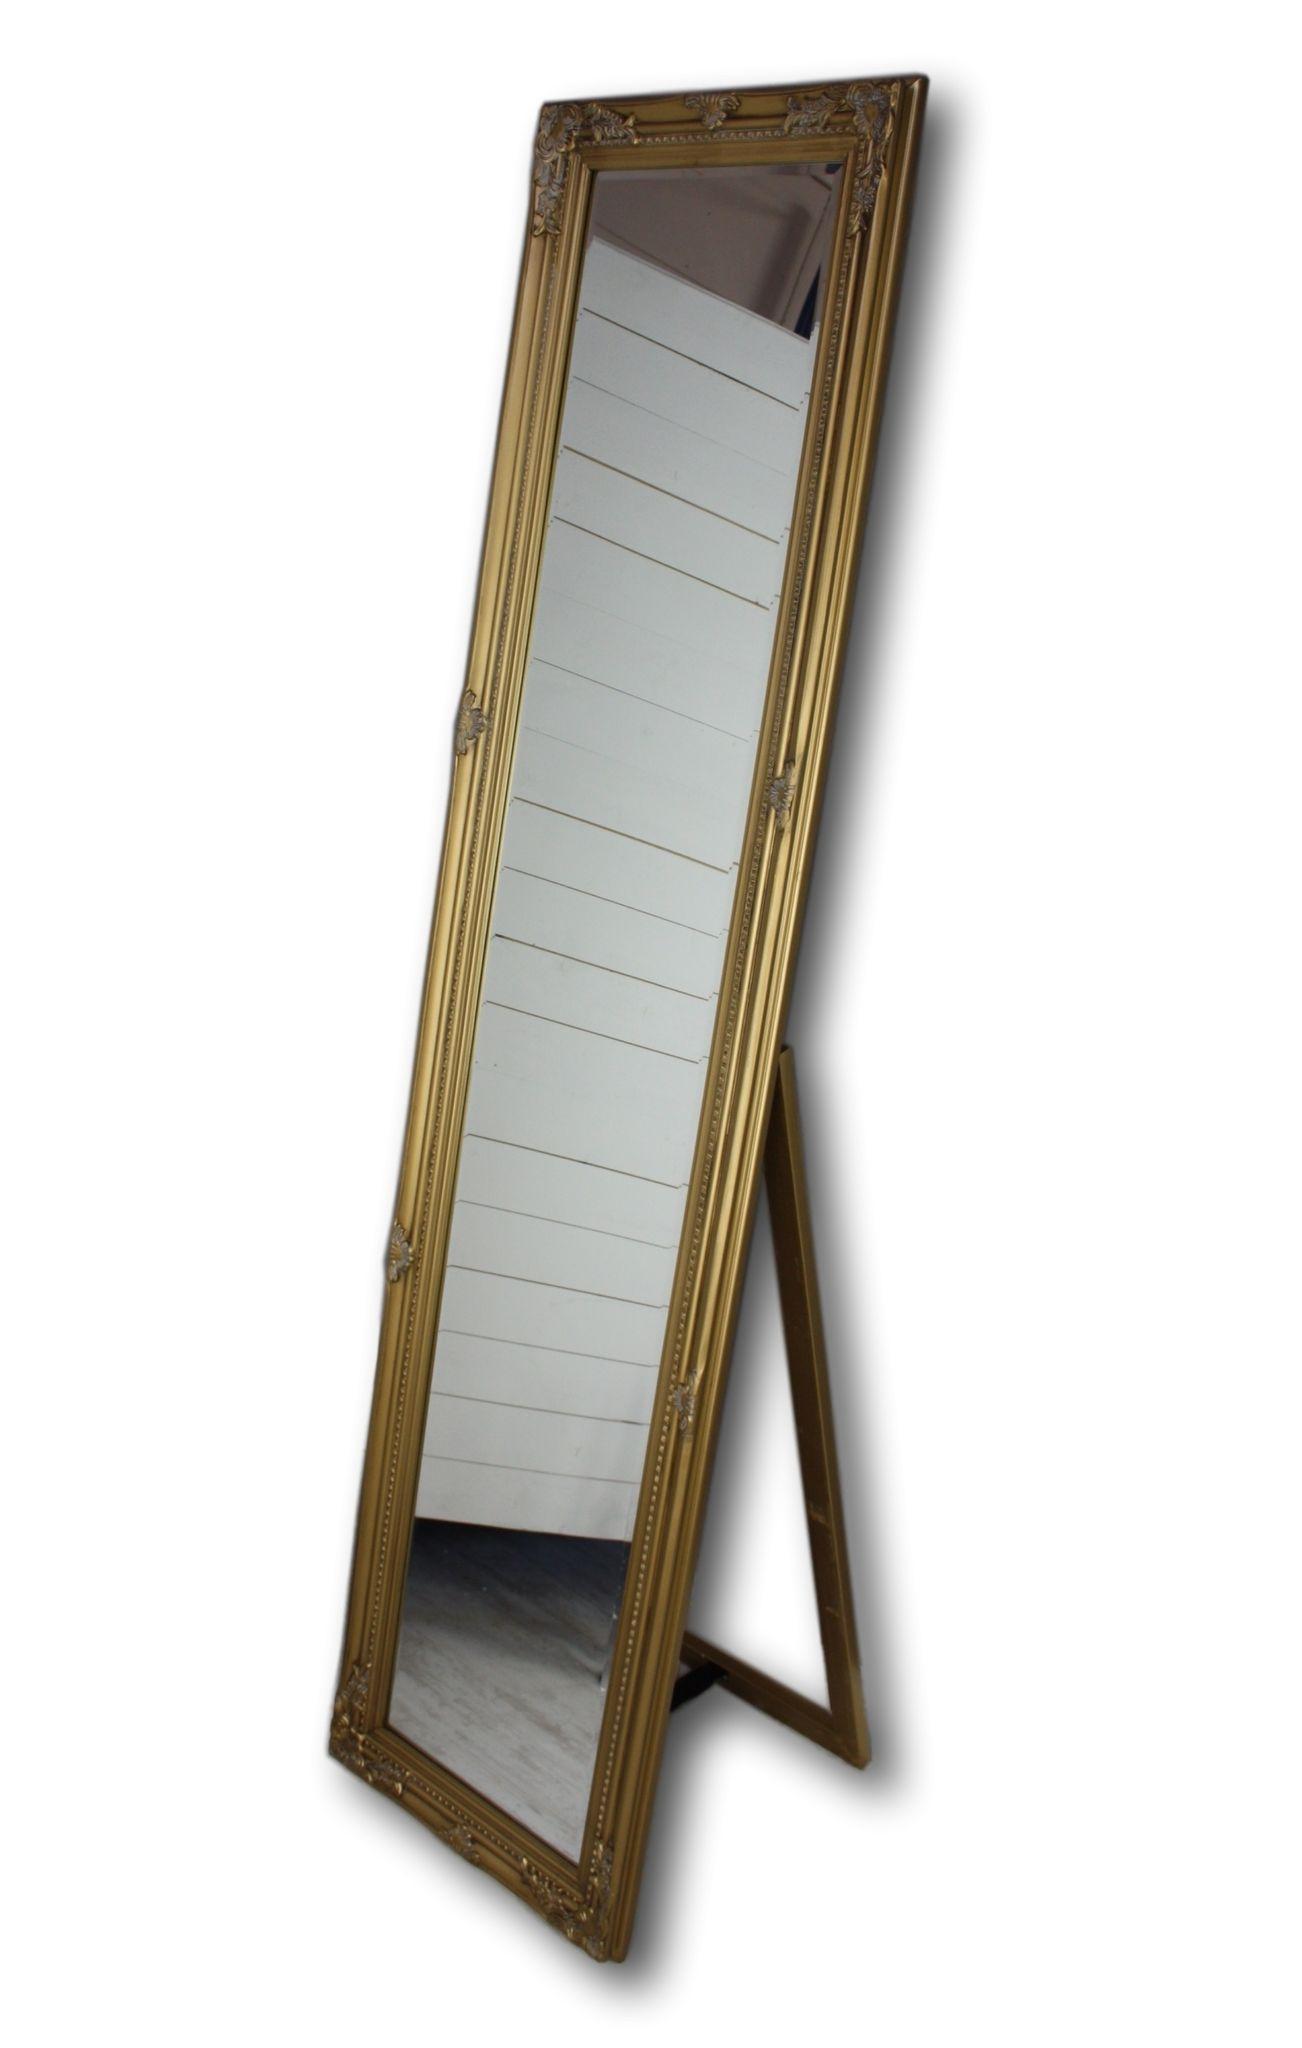 standspiegel gold antik g nstige landhausm bel online. Black Bedroom Furniture Sets. Home Design Ideas